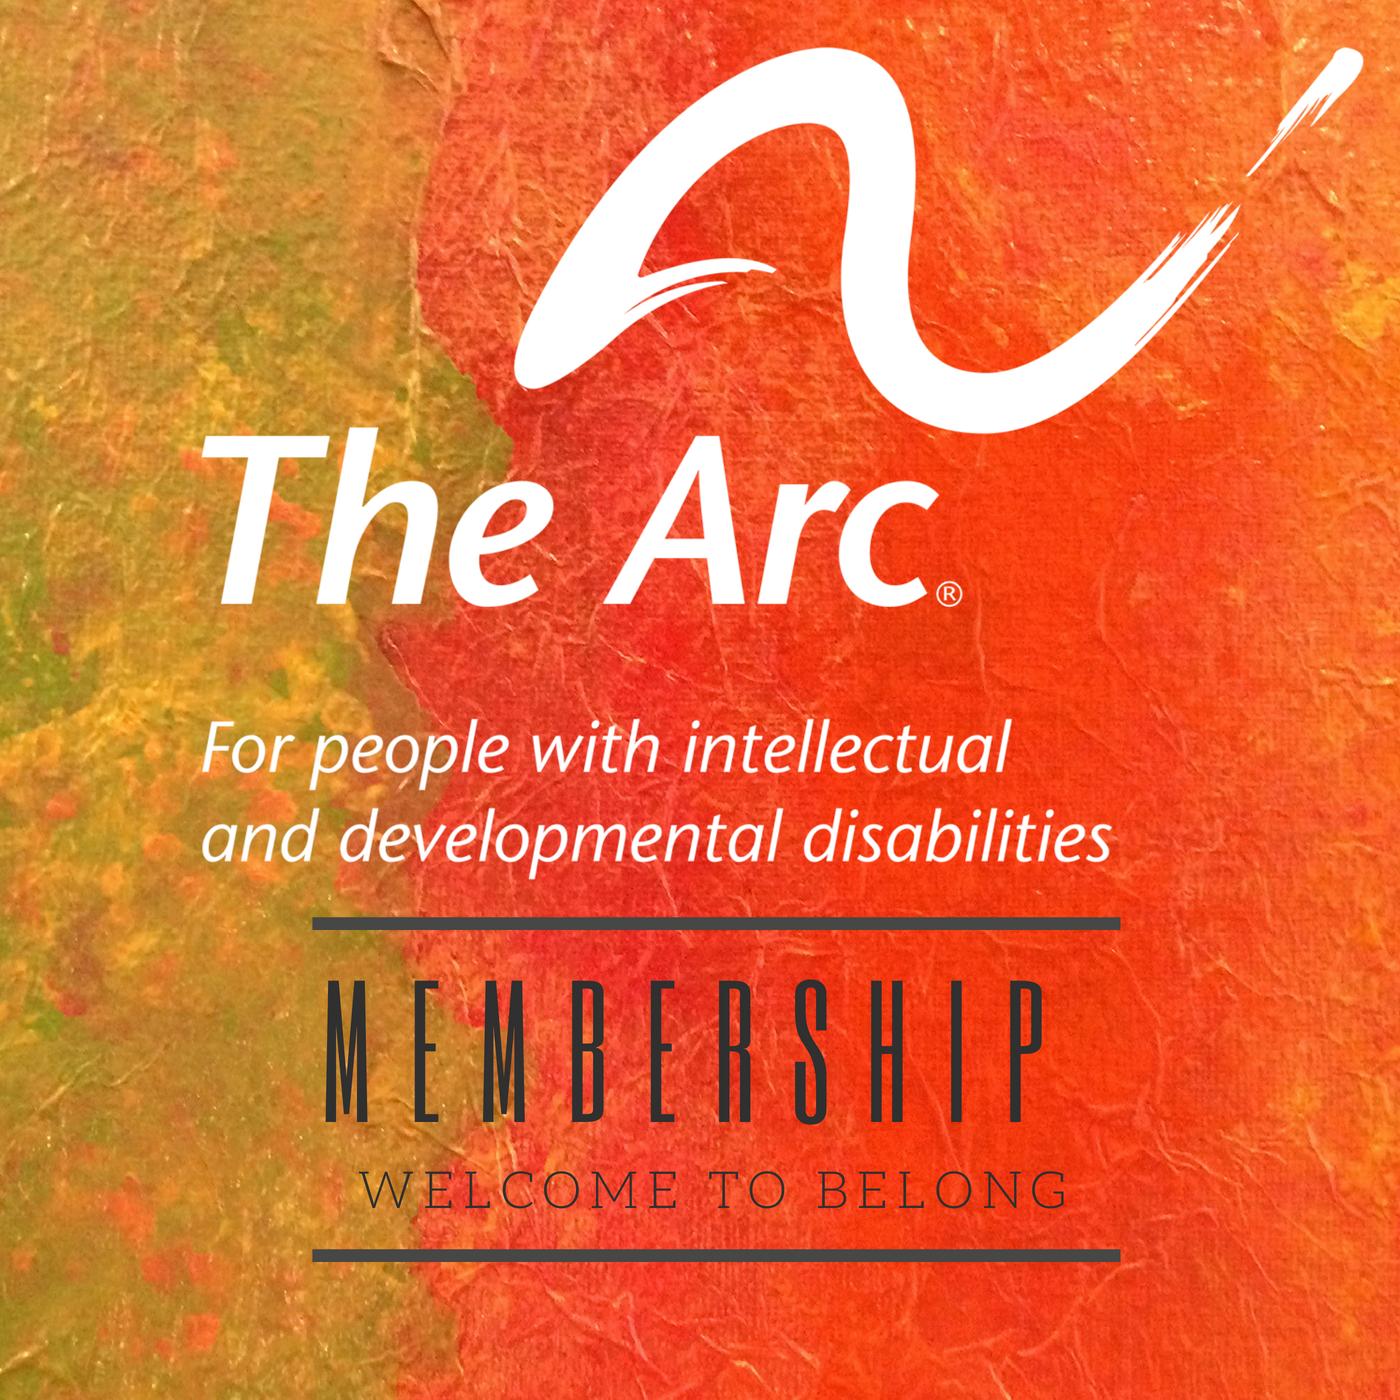 Membership — The Arc of Spokane